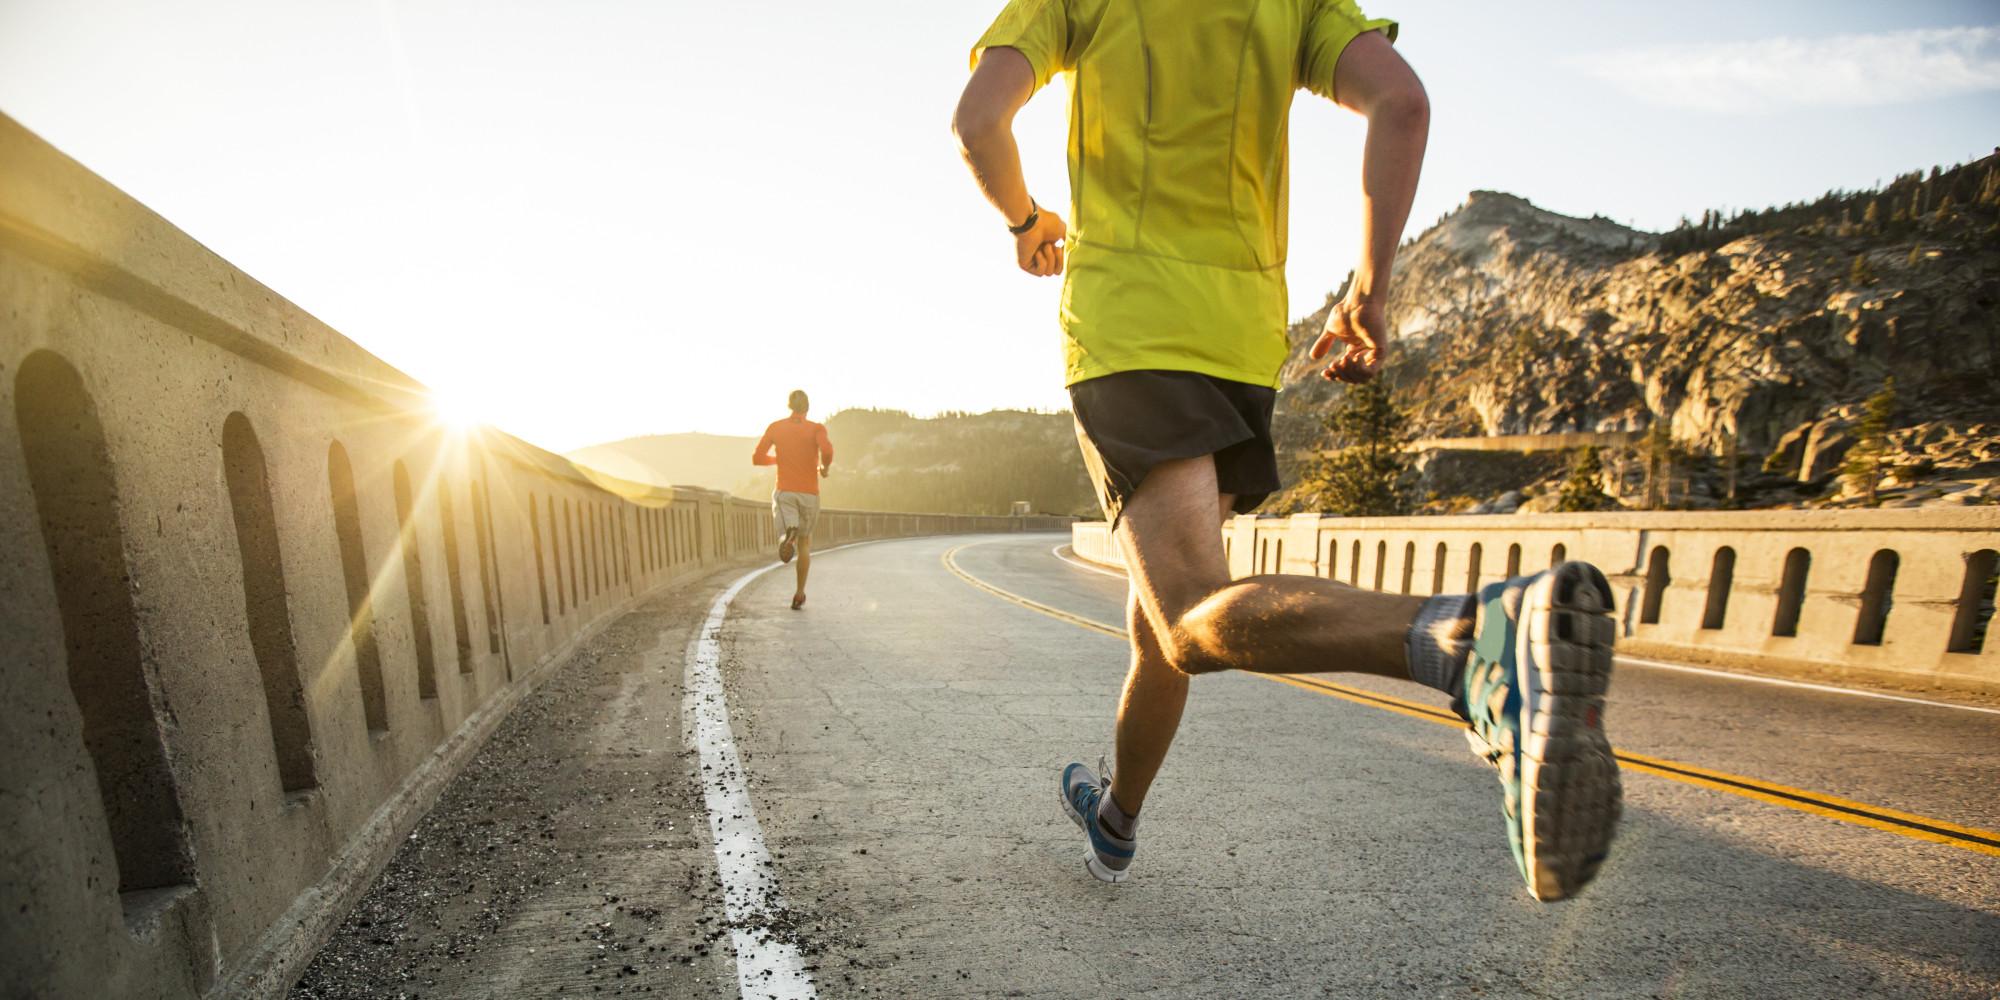 دروس رشته فیزیولوژی ورزشی گرایش فیزیولوژی فعالیت بدنی و تندرستی فراگیر پیام نور